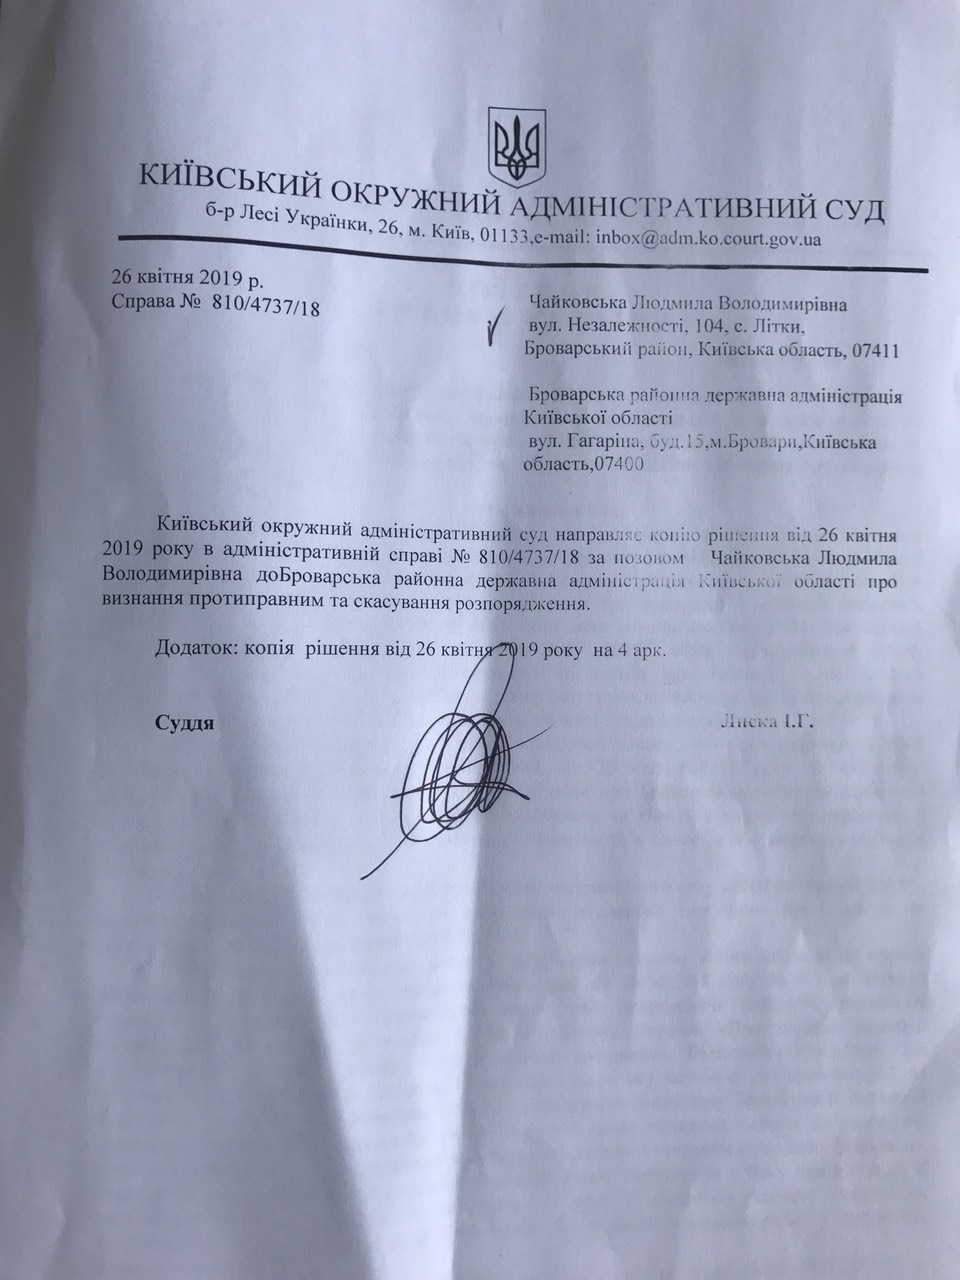 Протистояння на Броварщині: голова РДА проти громадської ради -  - yzobrazhenye viber 2019 05 17 19 06 05